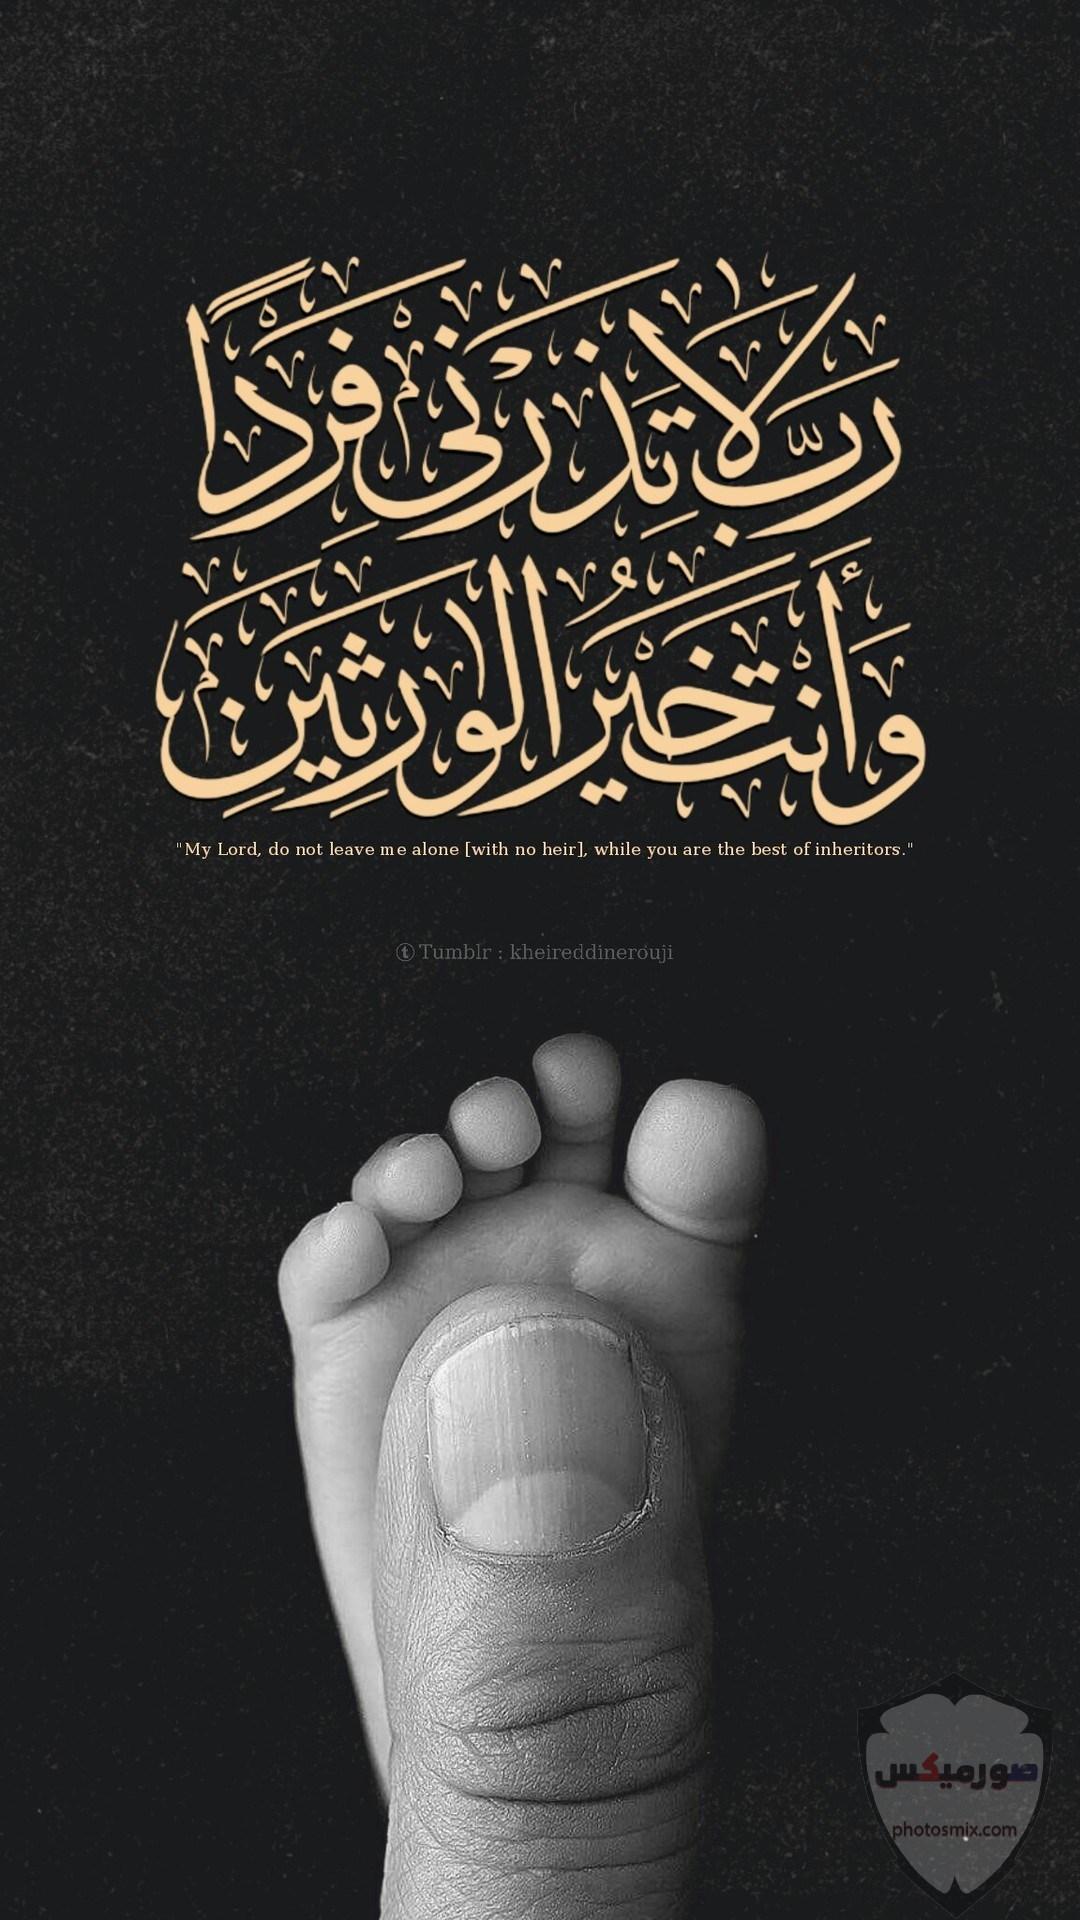 صور قرآن جميلة صور دعاء ادعية مصور صور وخلفيات مكتوب عليها الله 8